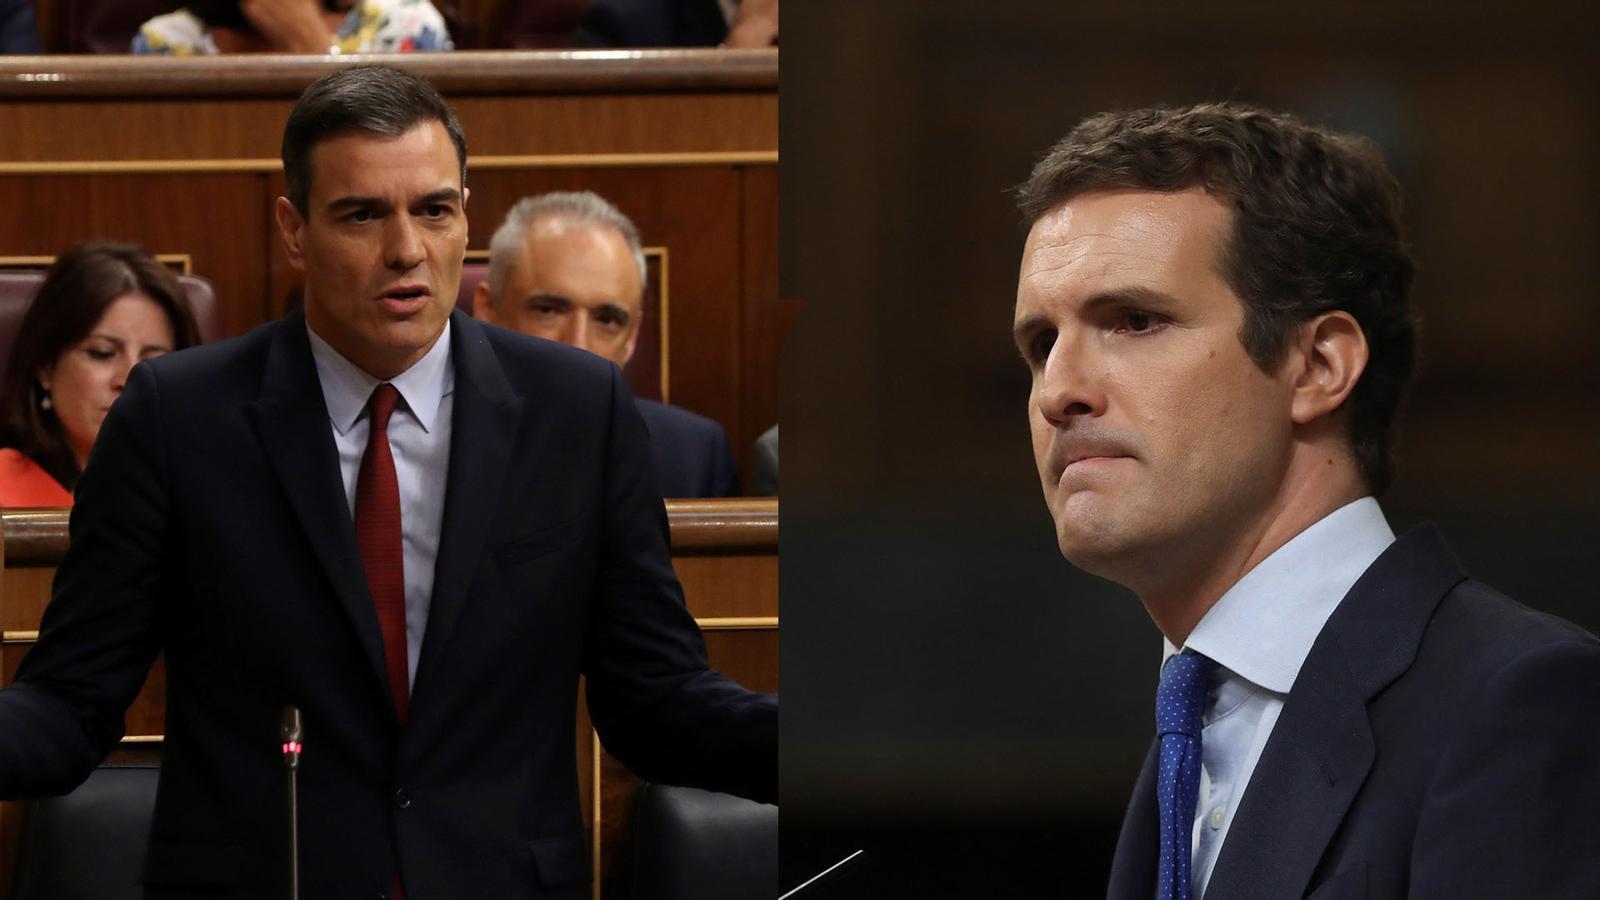 L'anàlisi d'Antoni Bassas: 'Sánchez, al rescat del bipartidisme'